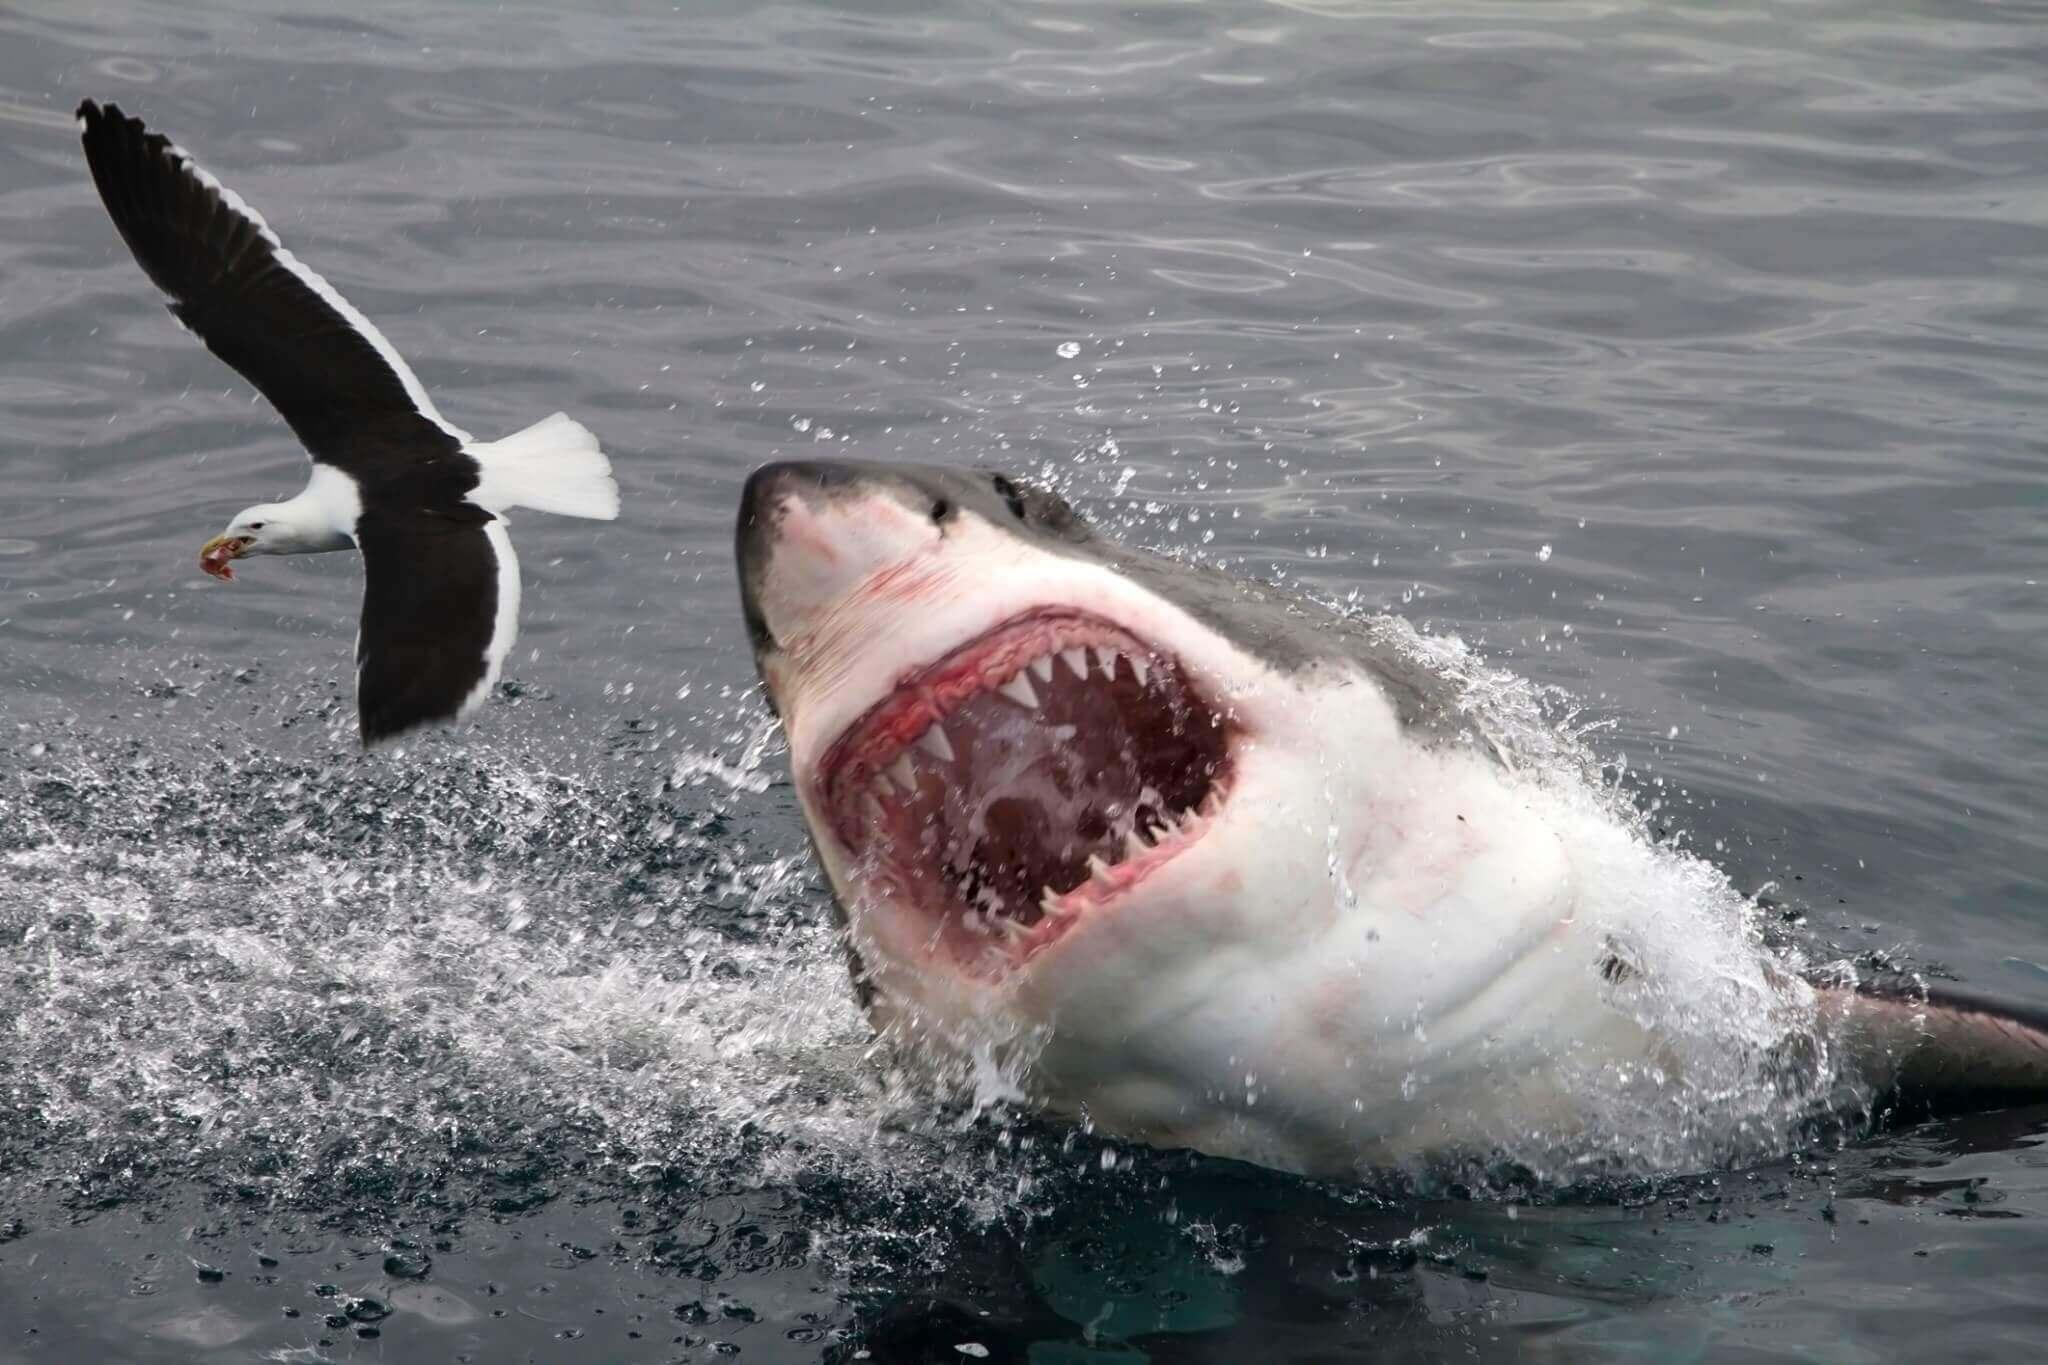 Morsure De Requin : Comment La Mâchoire Se Détache Du Crâne